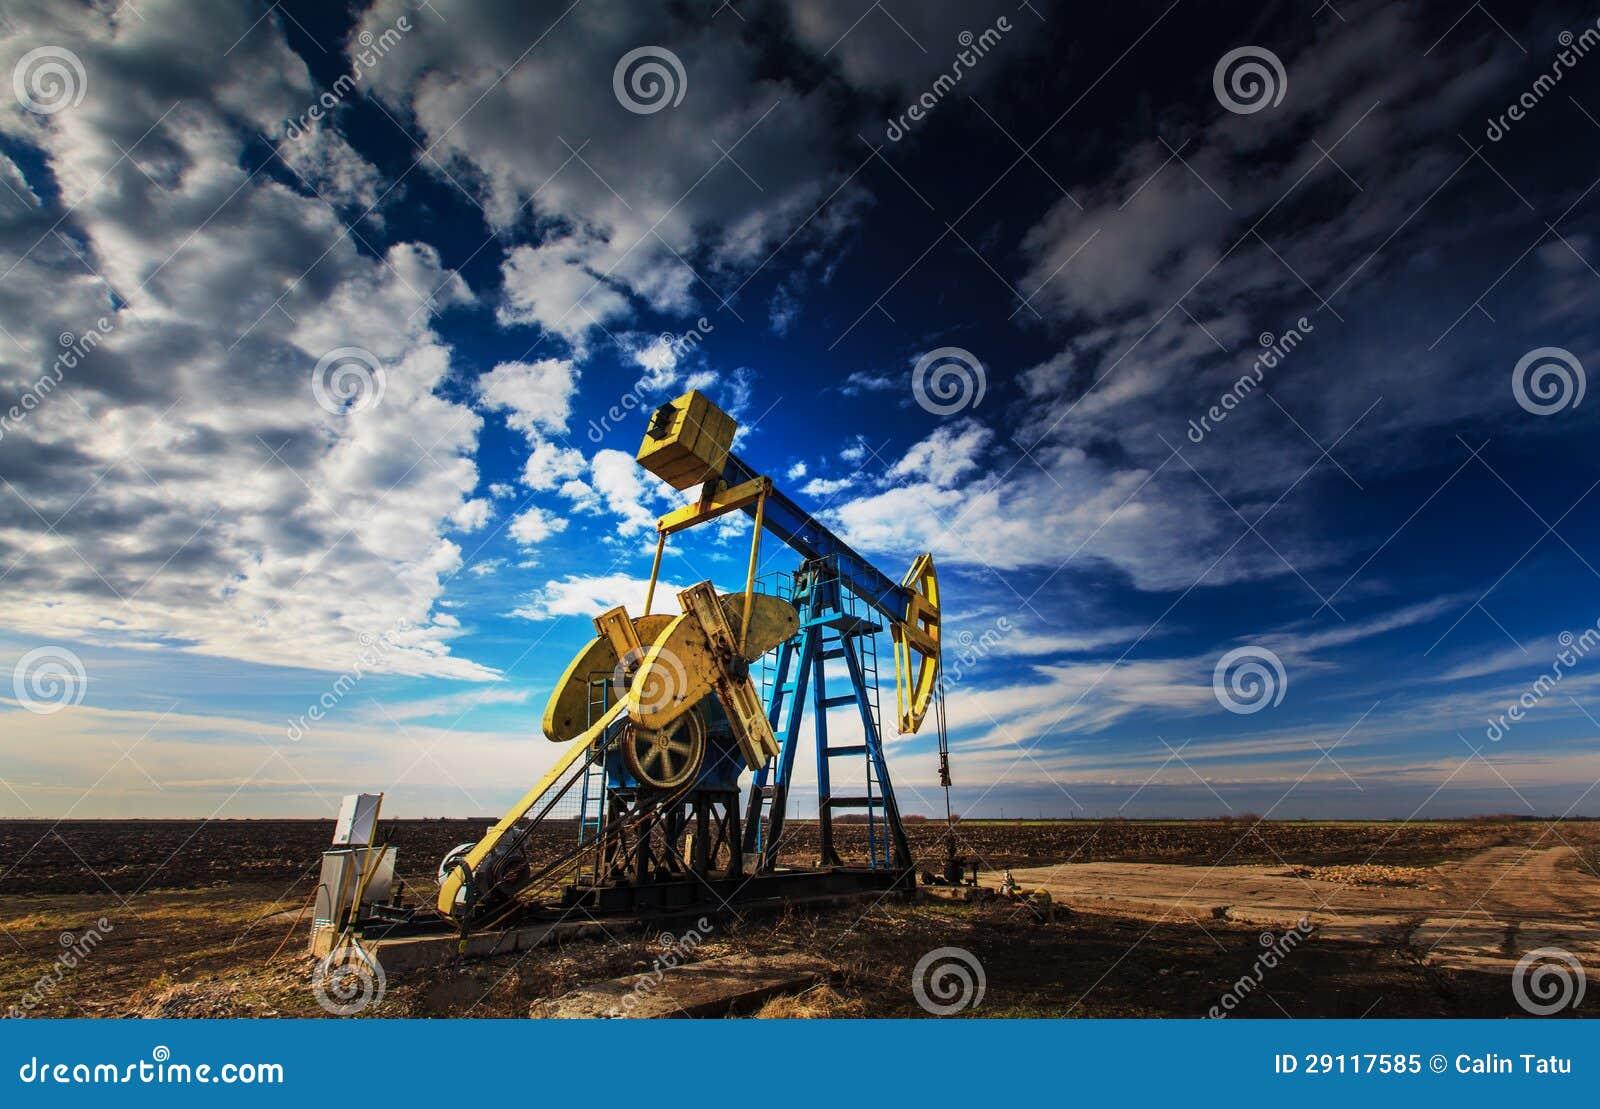 Puits de pétrole fonctionnant profilé sur le ciel nuageux excessif